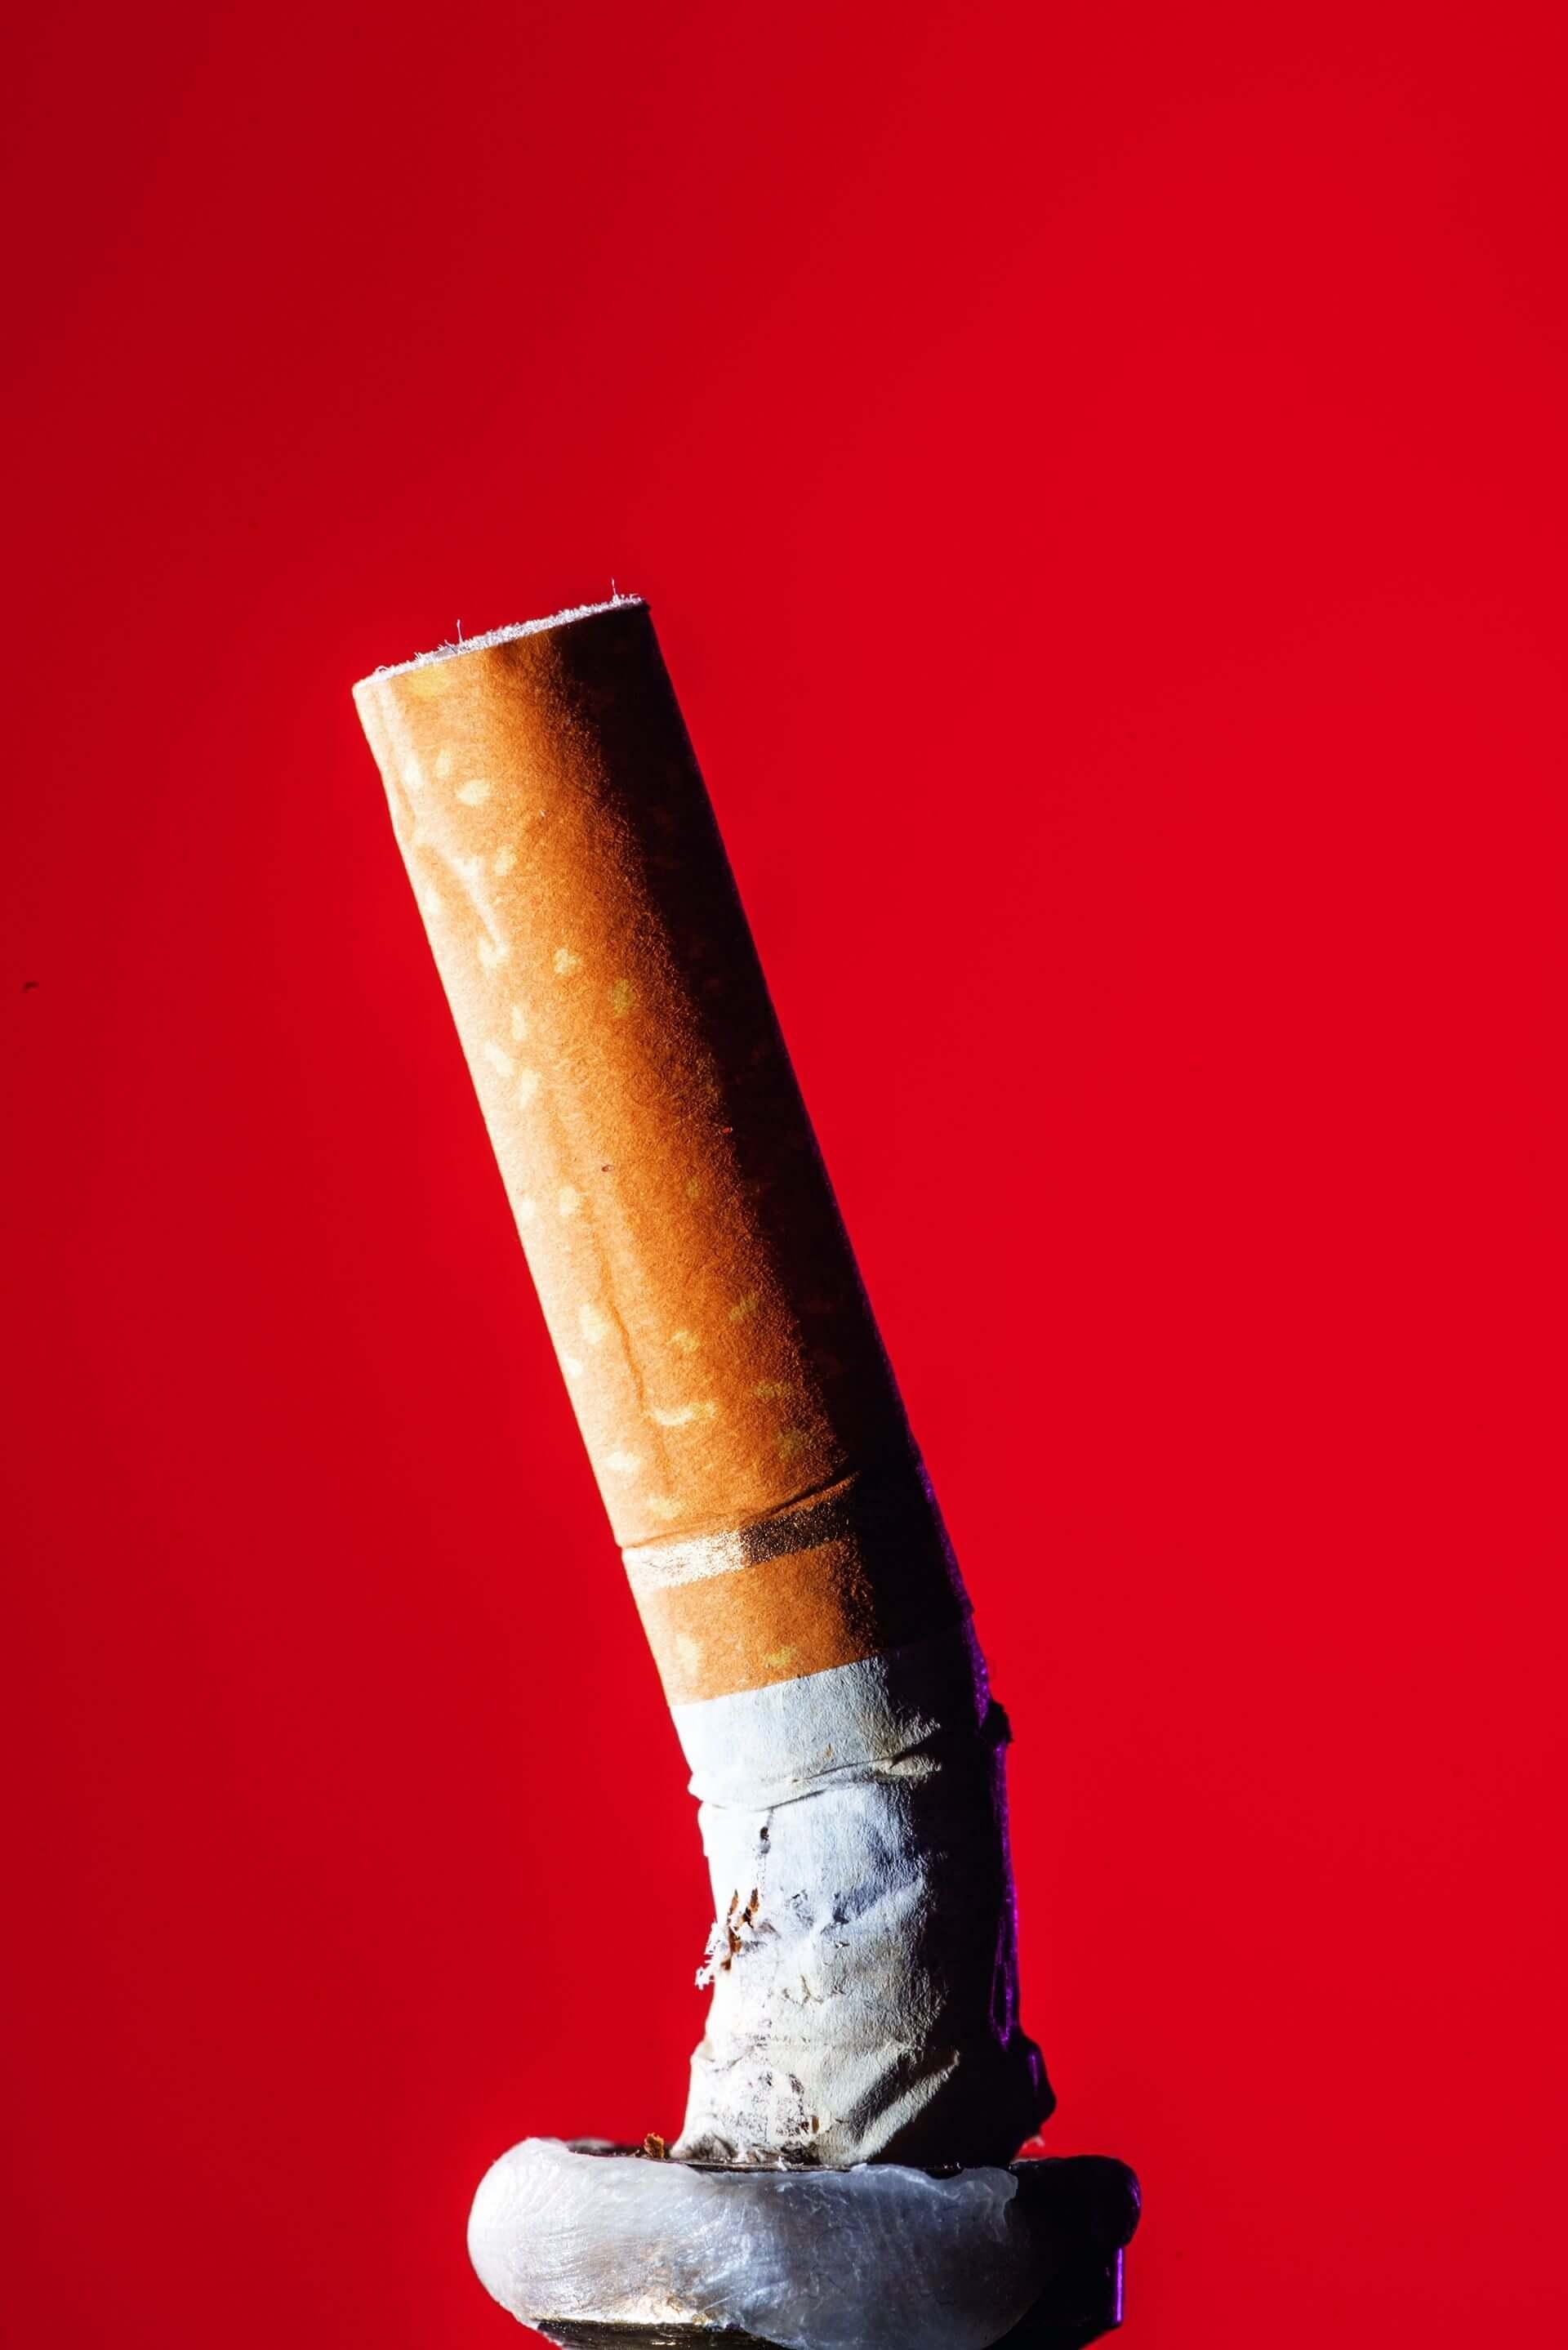 3兆 每年有3兆個菸屁股遭任意丟棄,香菸的濾嘴是塑膠製,也使之成為塑膠汙染的一大來源。攝影:漢娜.惠特克 HANNAH WHITAKER